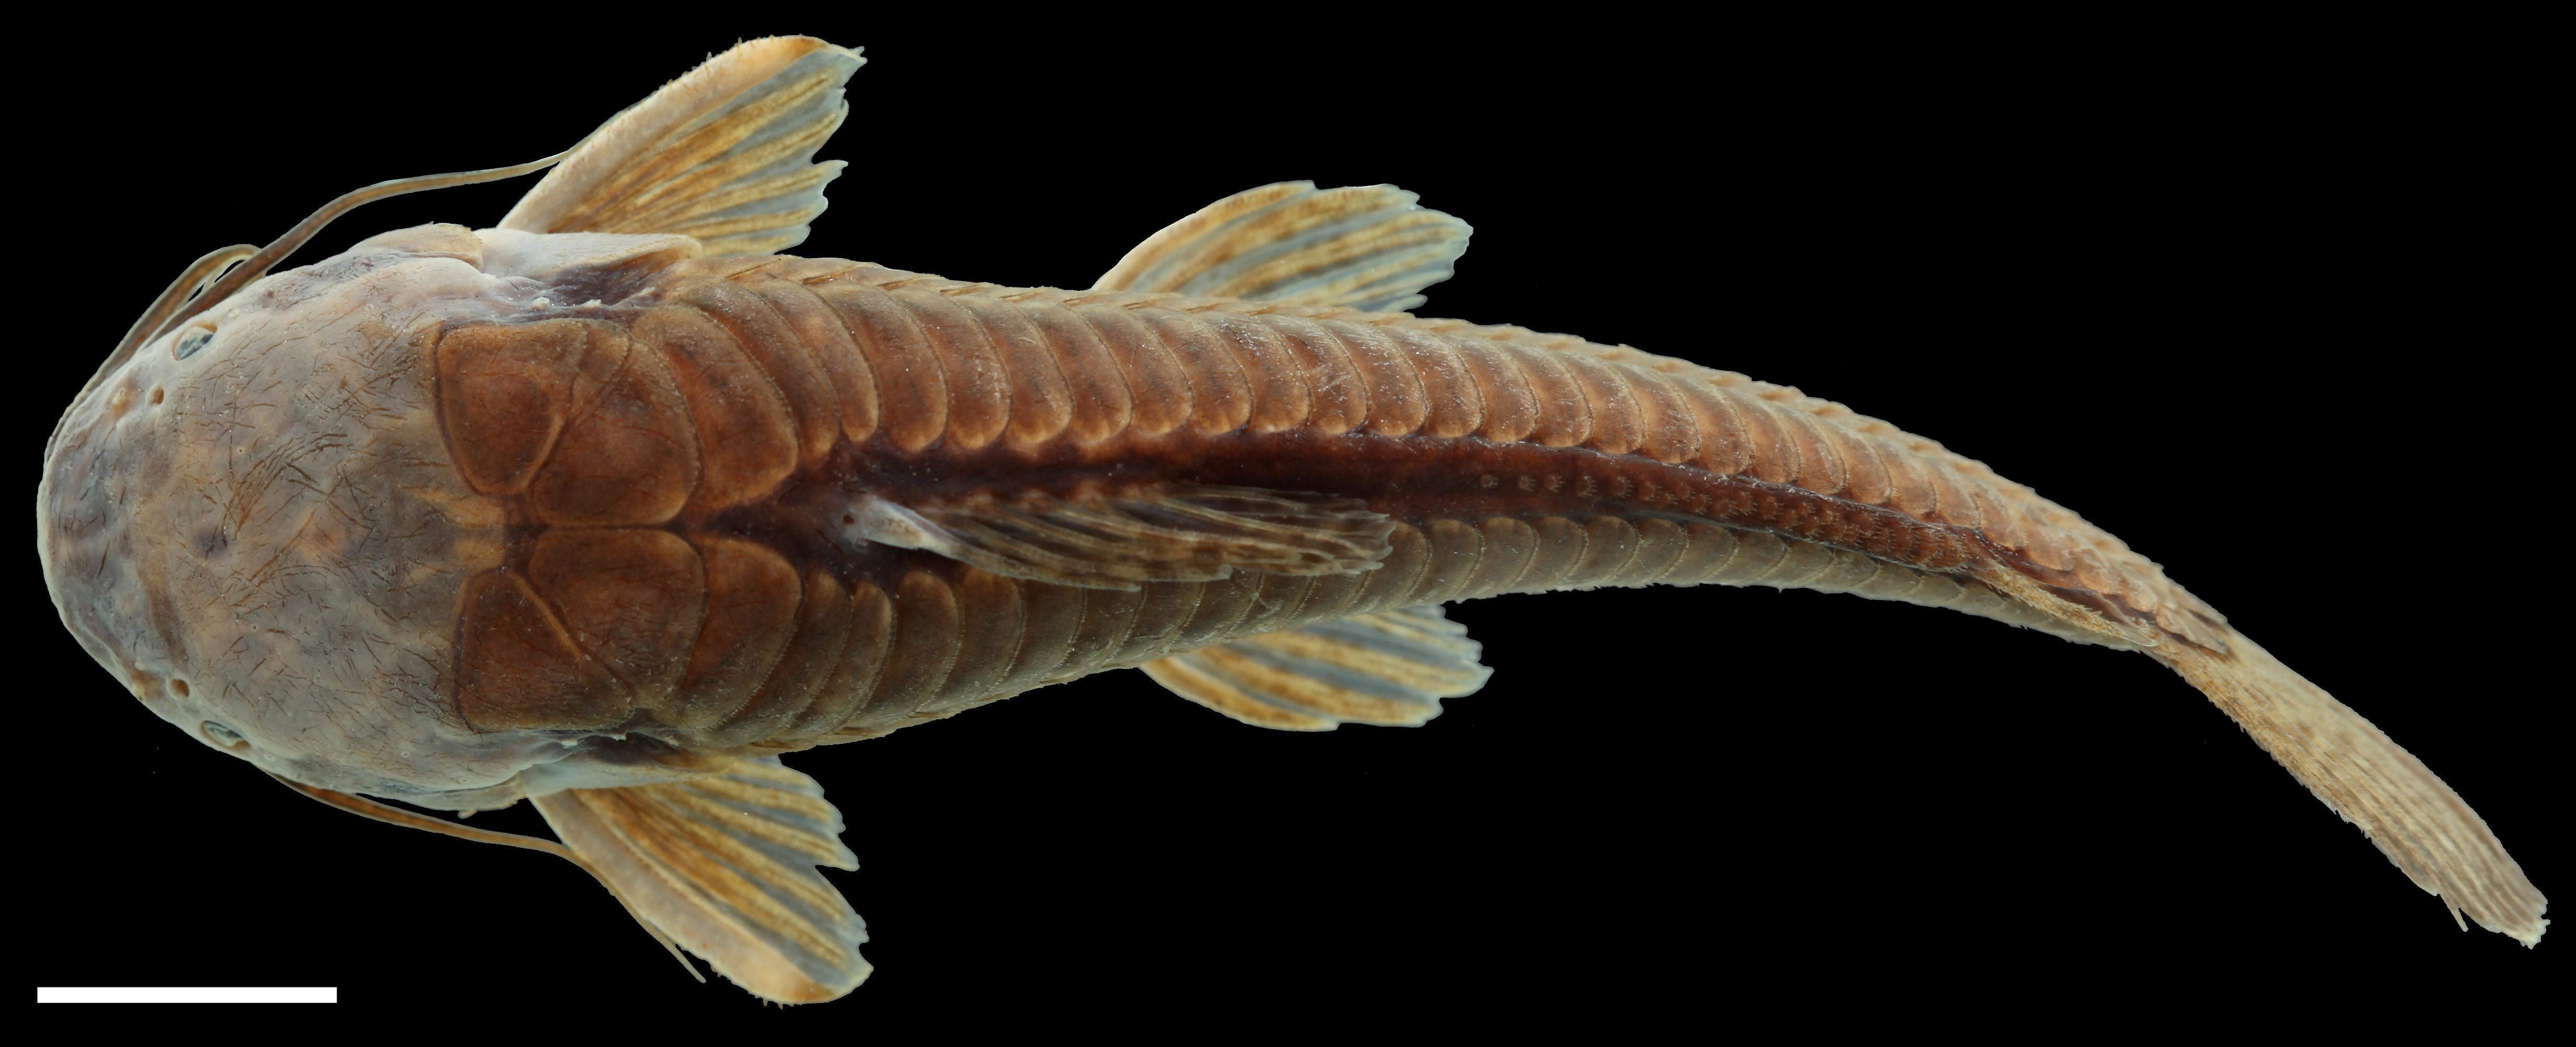 Paratípo de <em>Callichthys oibaensis</em>, IAvH-P-5730_Dorsal, 72.8 mm SL (scale bar = 1 cm). Photograph by C. DoNascimiento